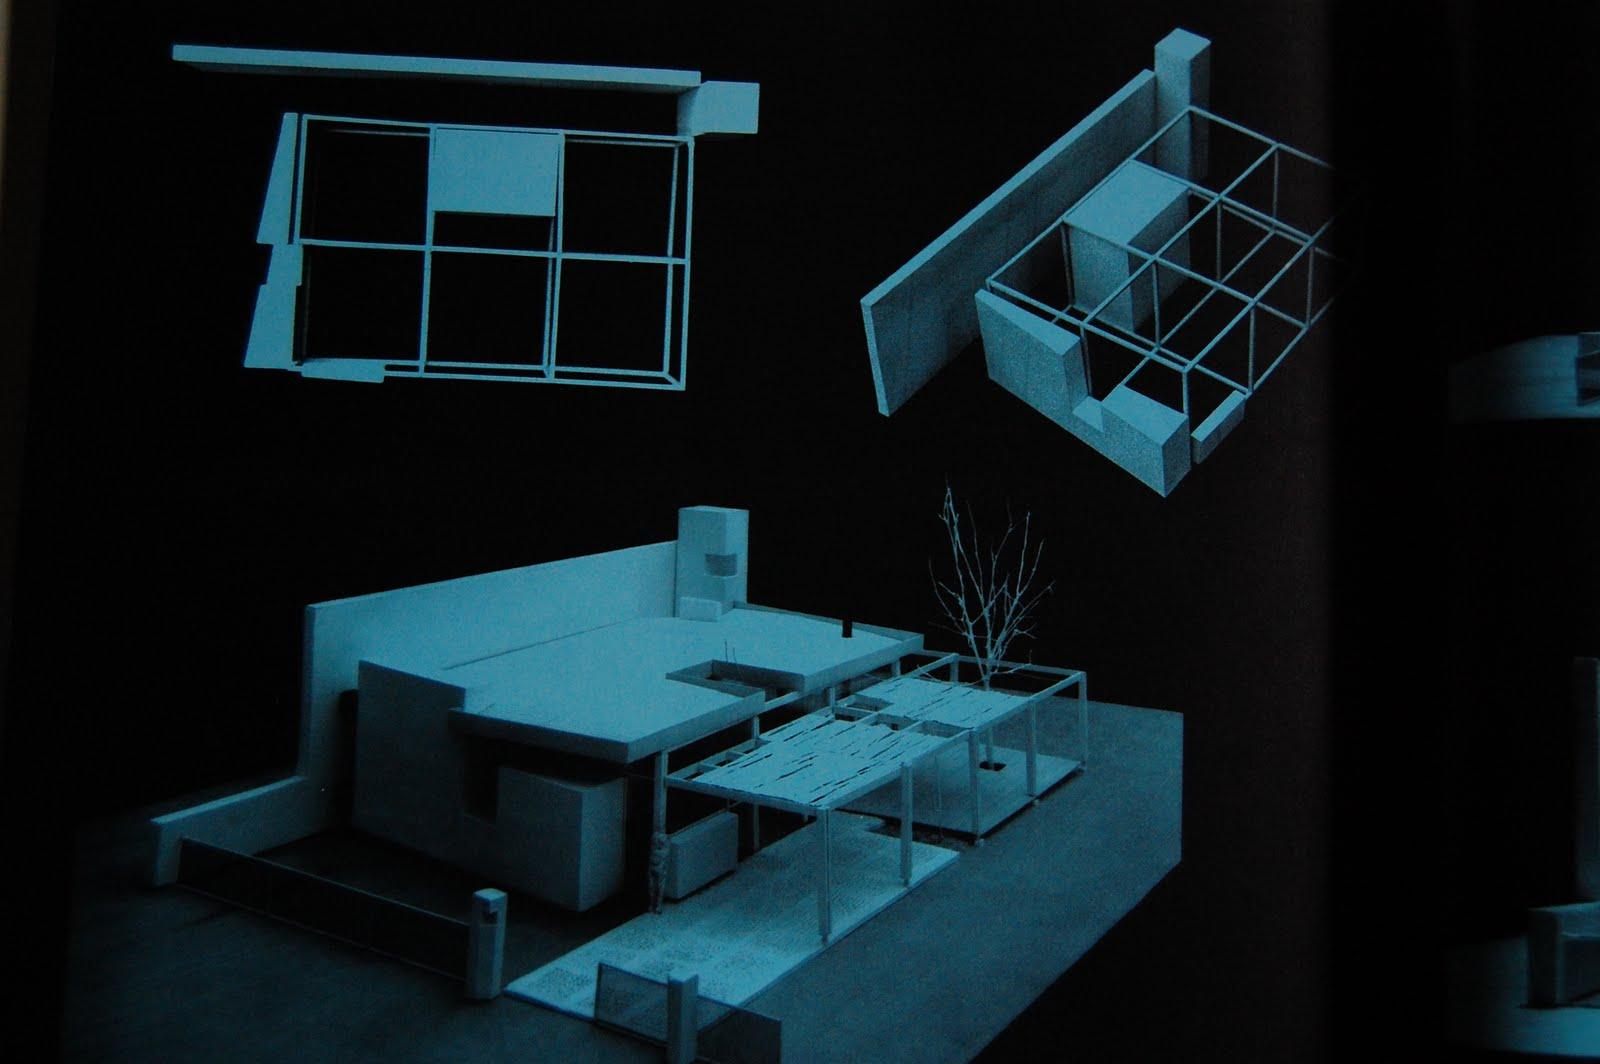 Arquitectura 1 agg vivienda en gonnet arq daniel almeida - Agg arquitectura ...